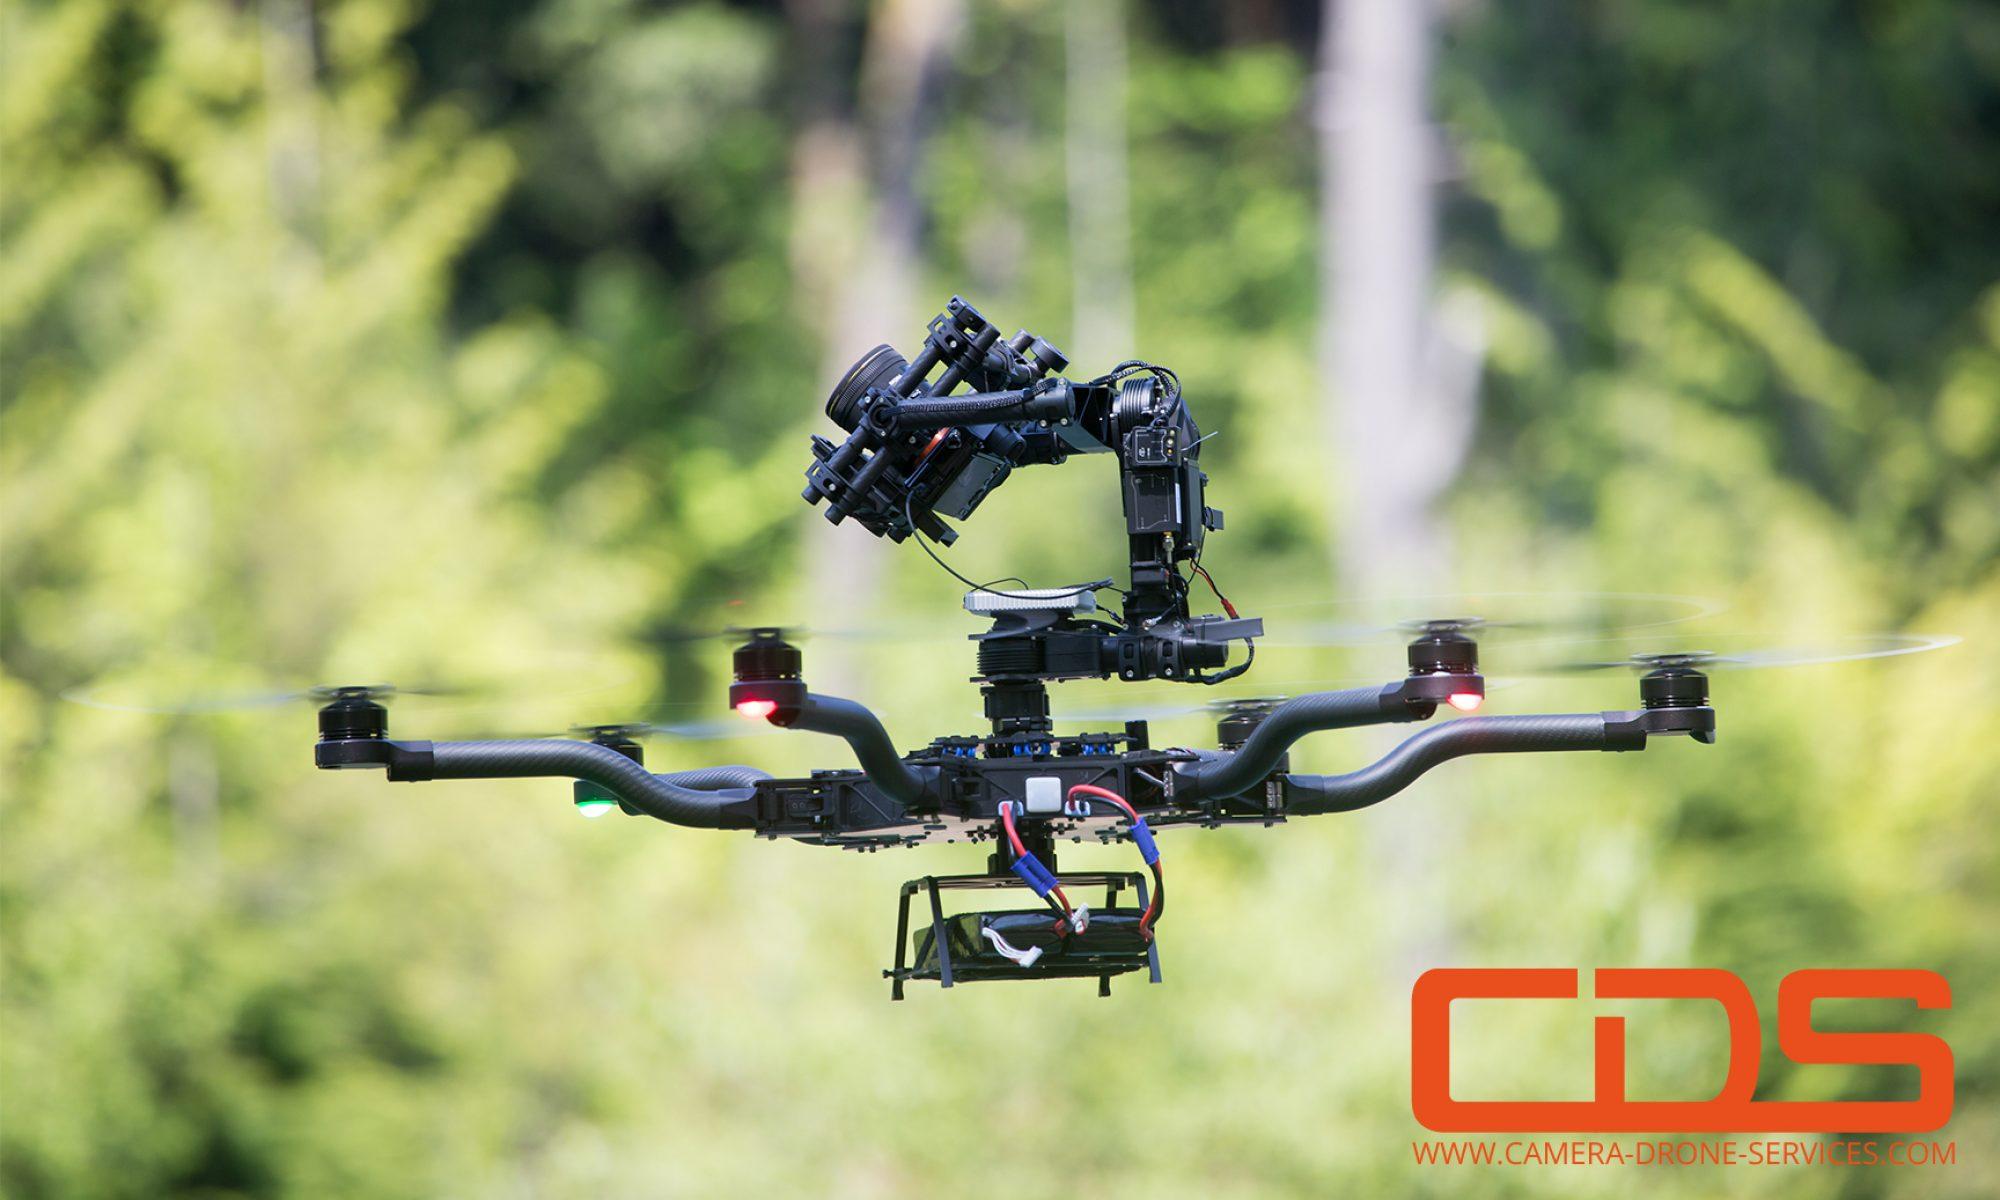 CDS Drones